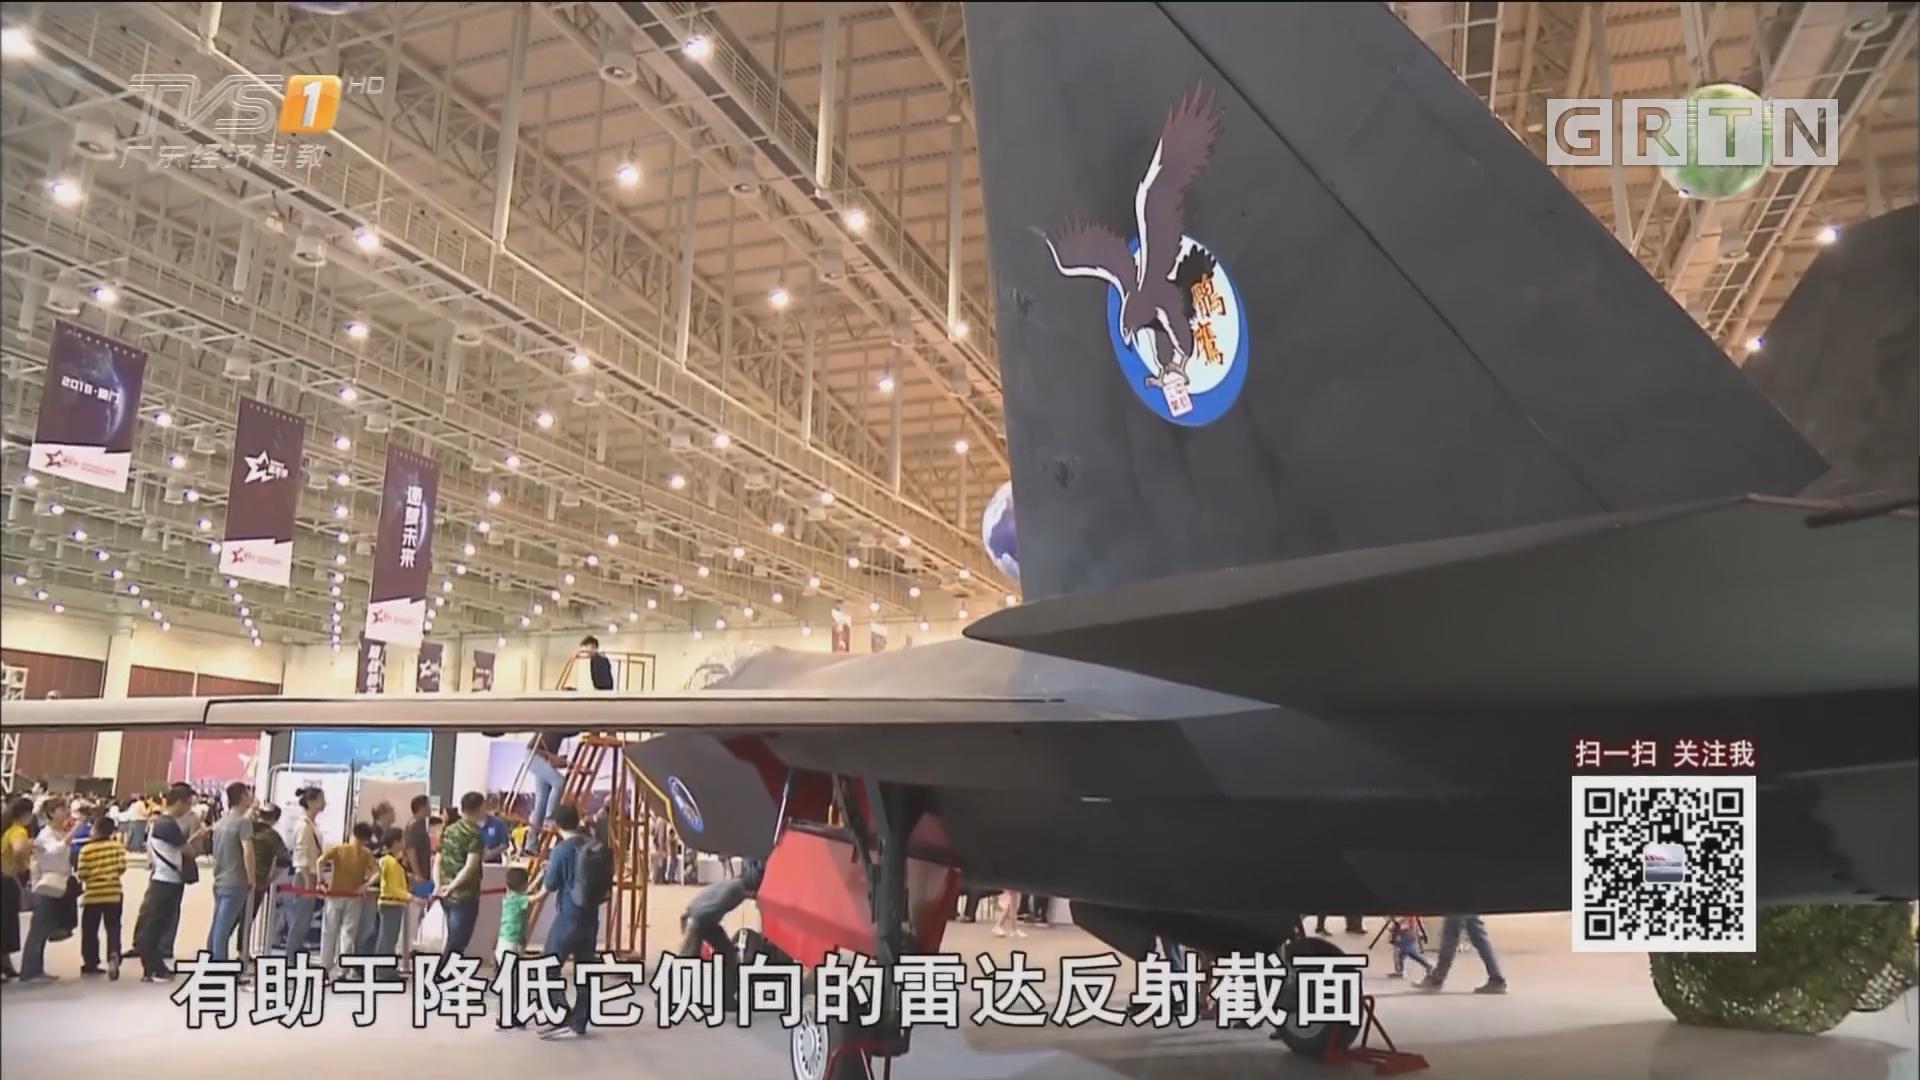 歼—31战机 辽宁舰航母 等比模型折射大国重器锋芒